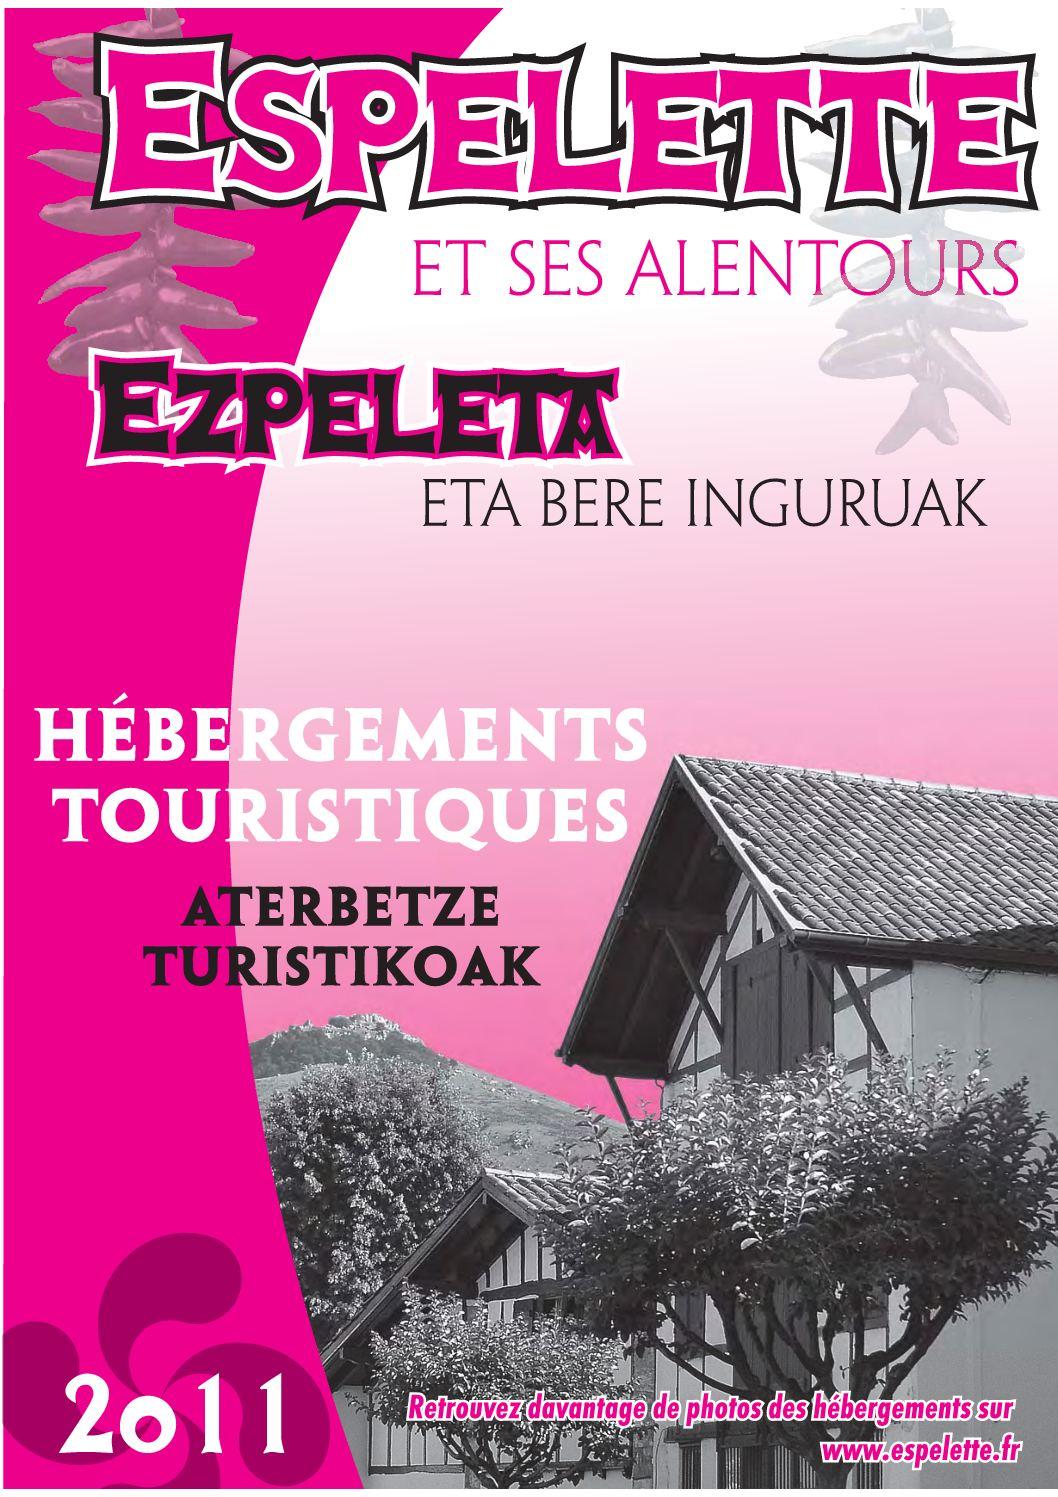 Hébergements touristiques - Espelette - Pays Basque